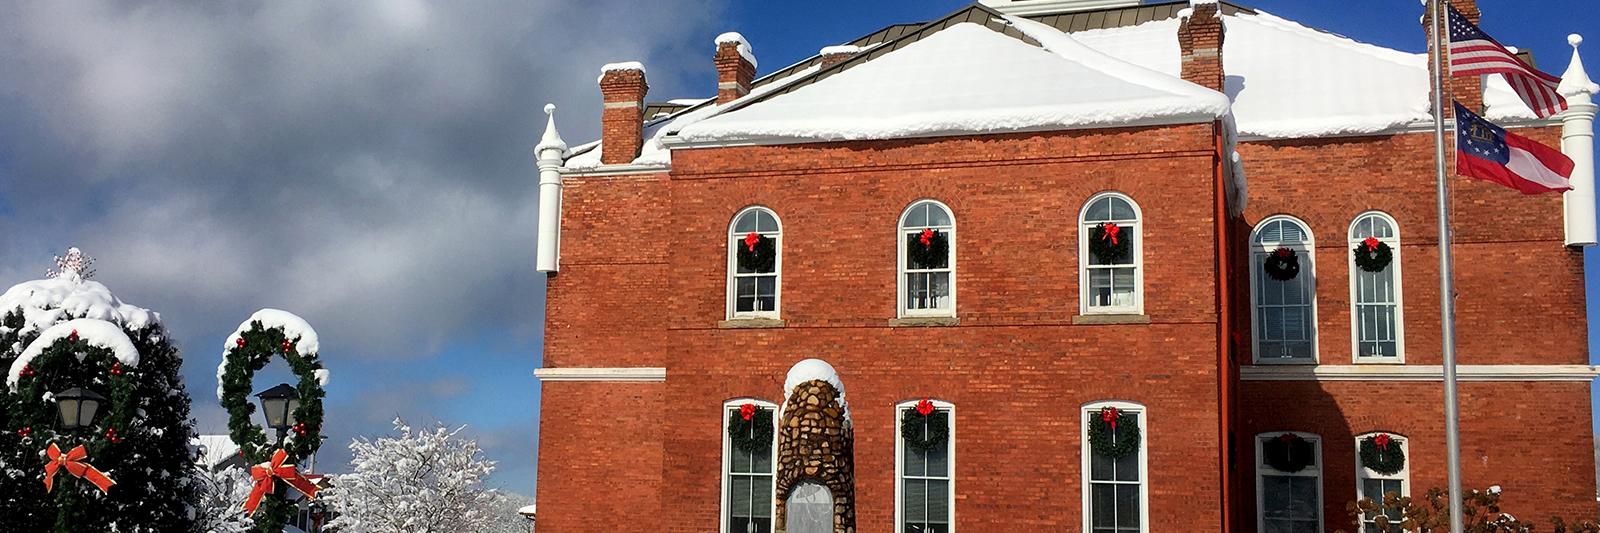 Christmas-Downtown.jpg